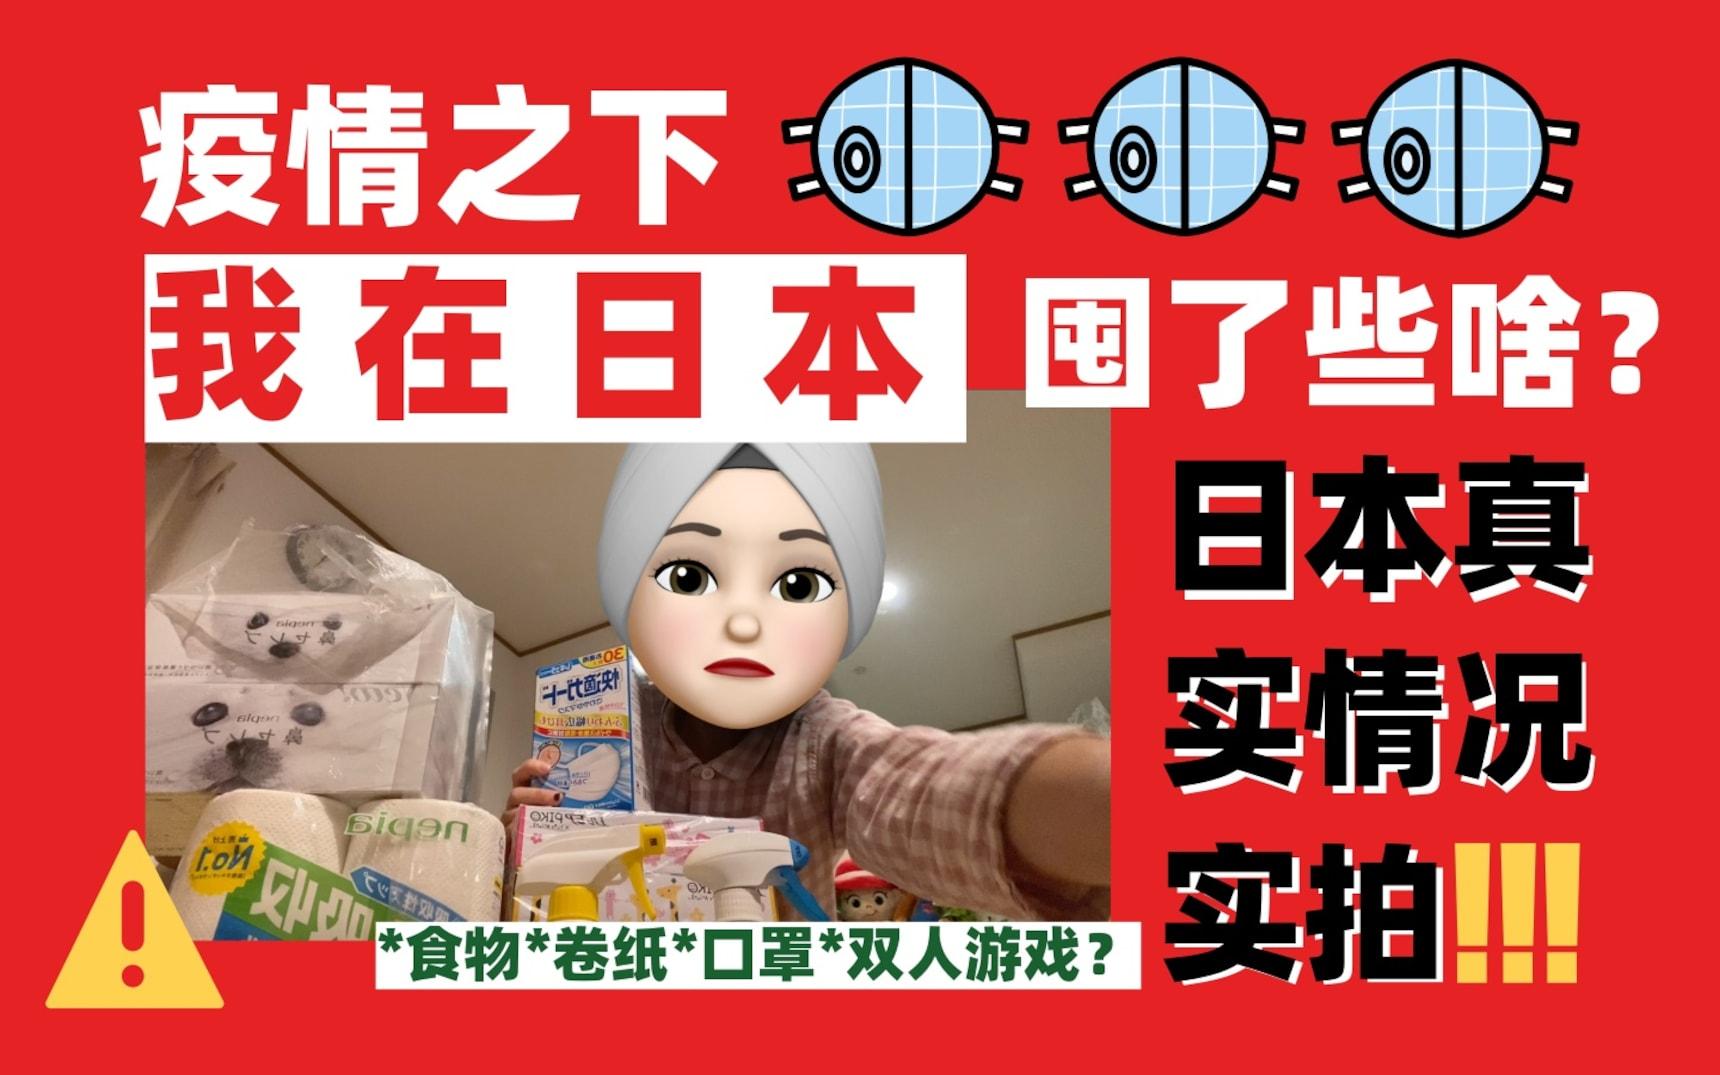 疫情期间:在日本的中国人是怎么过的?都屯了些什么?